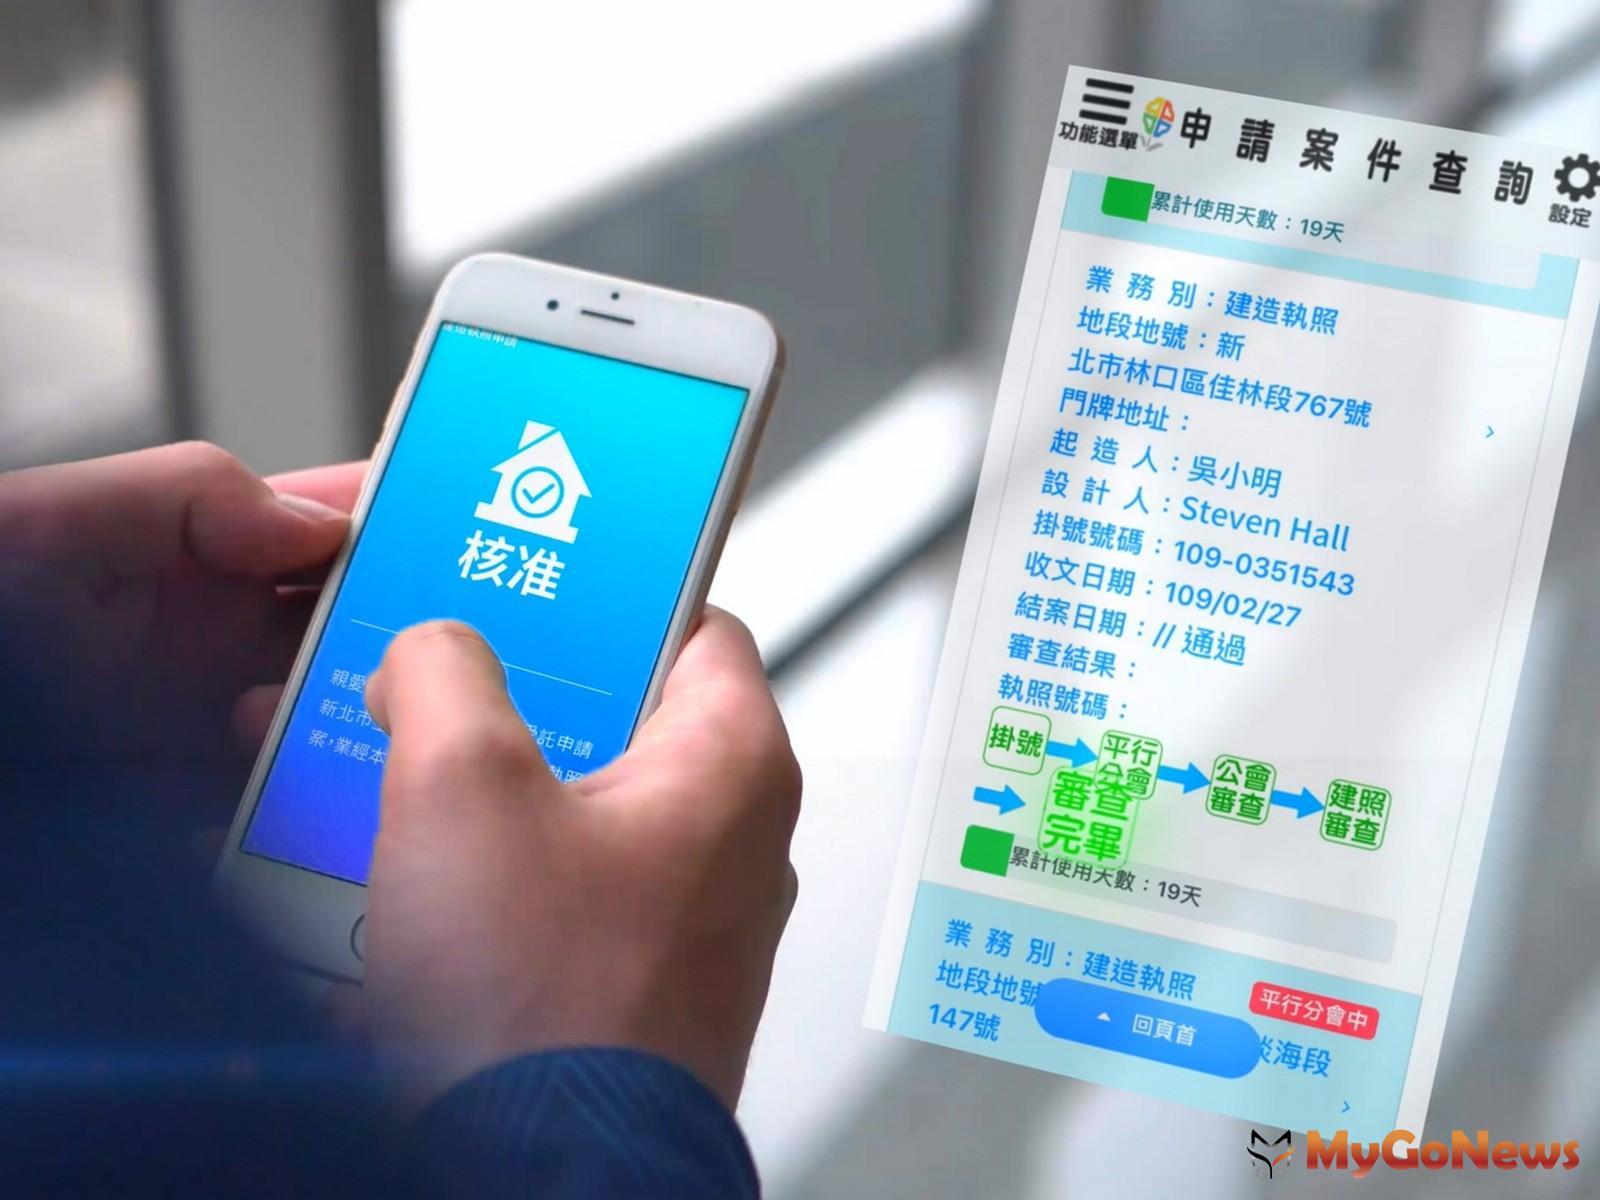 新北地政E服務,手機下載不錯過(圖:新北市政府) MyGoNews房地產新聞 區域情報